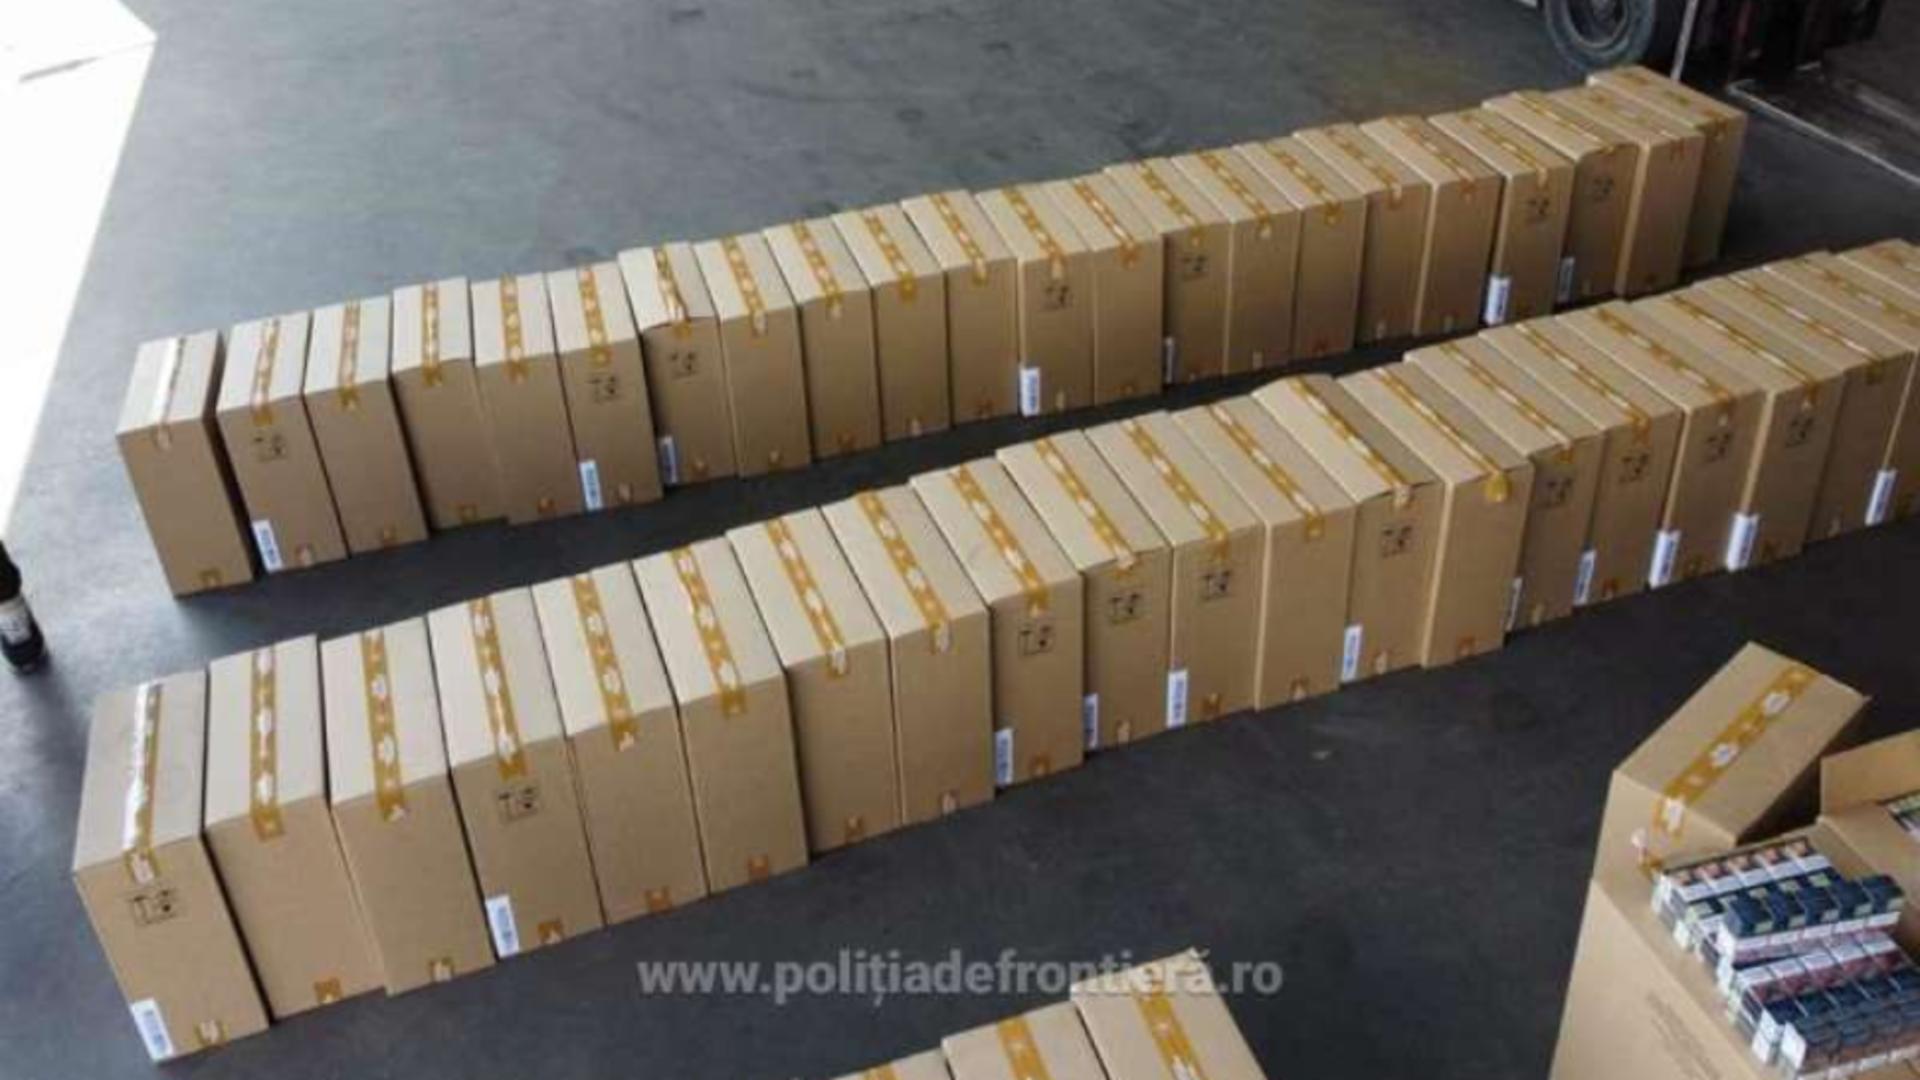 Politia de Frontiera - tigari confiscate